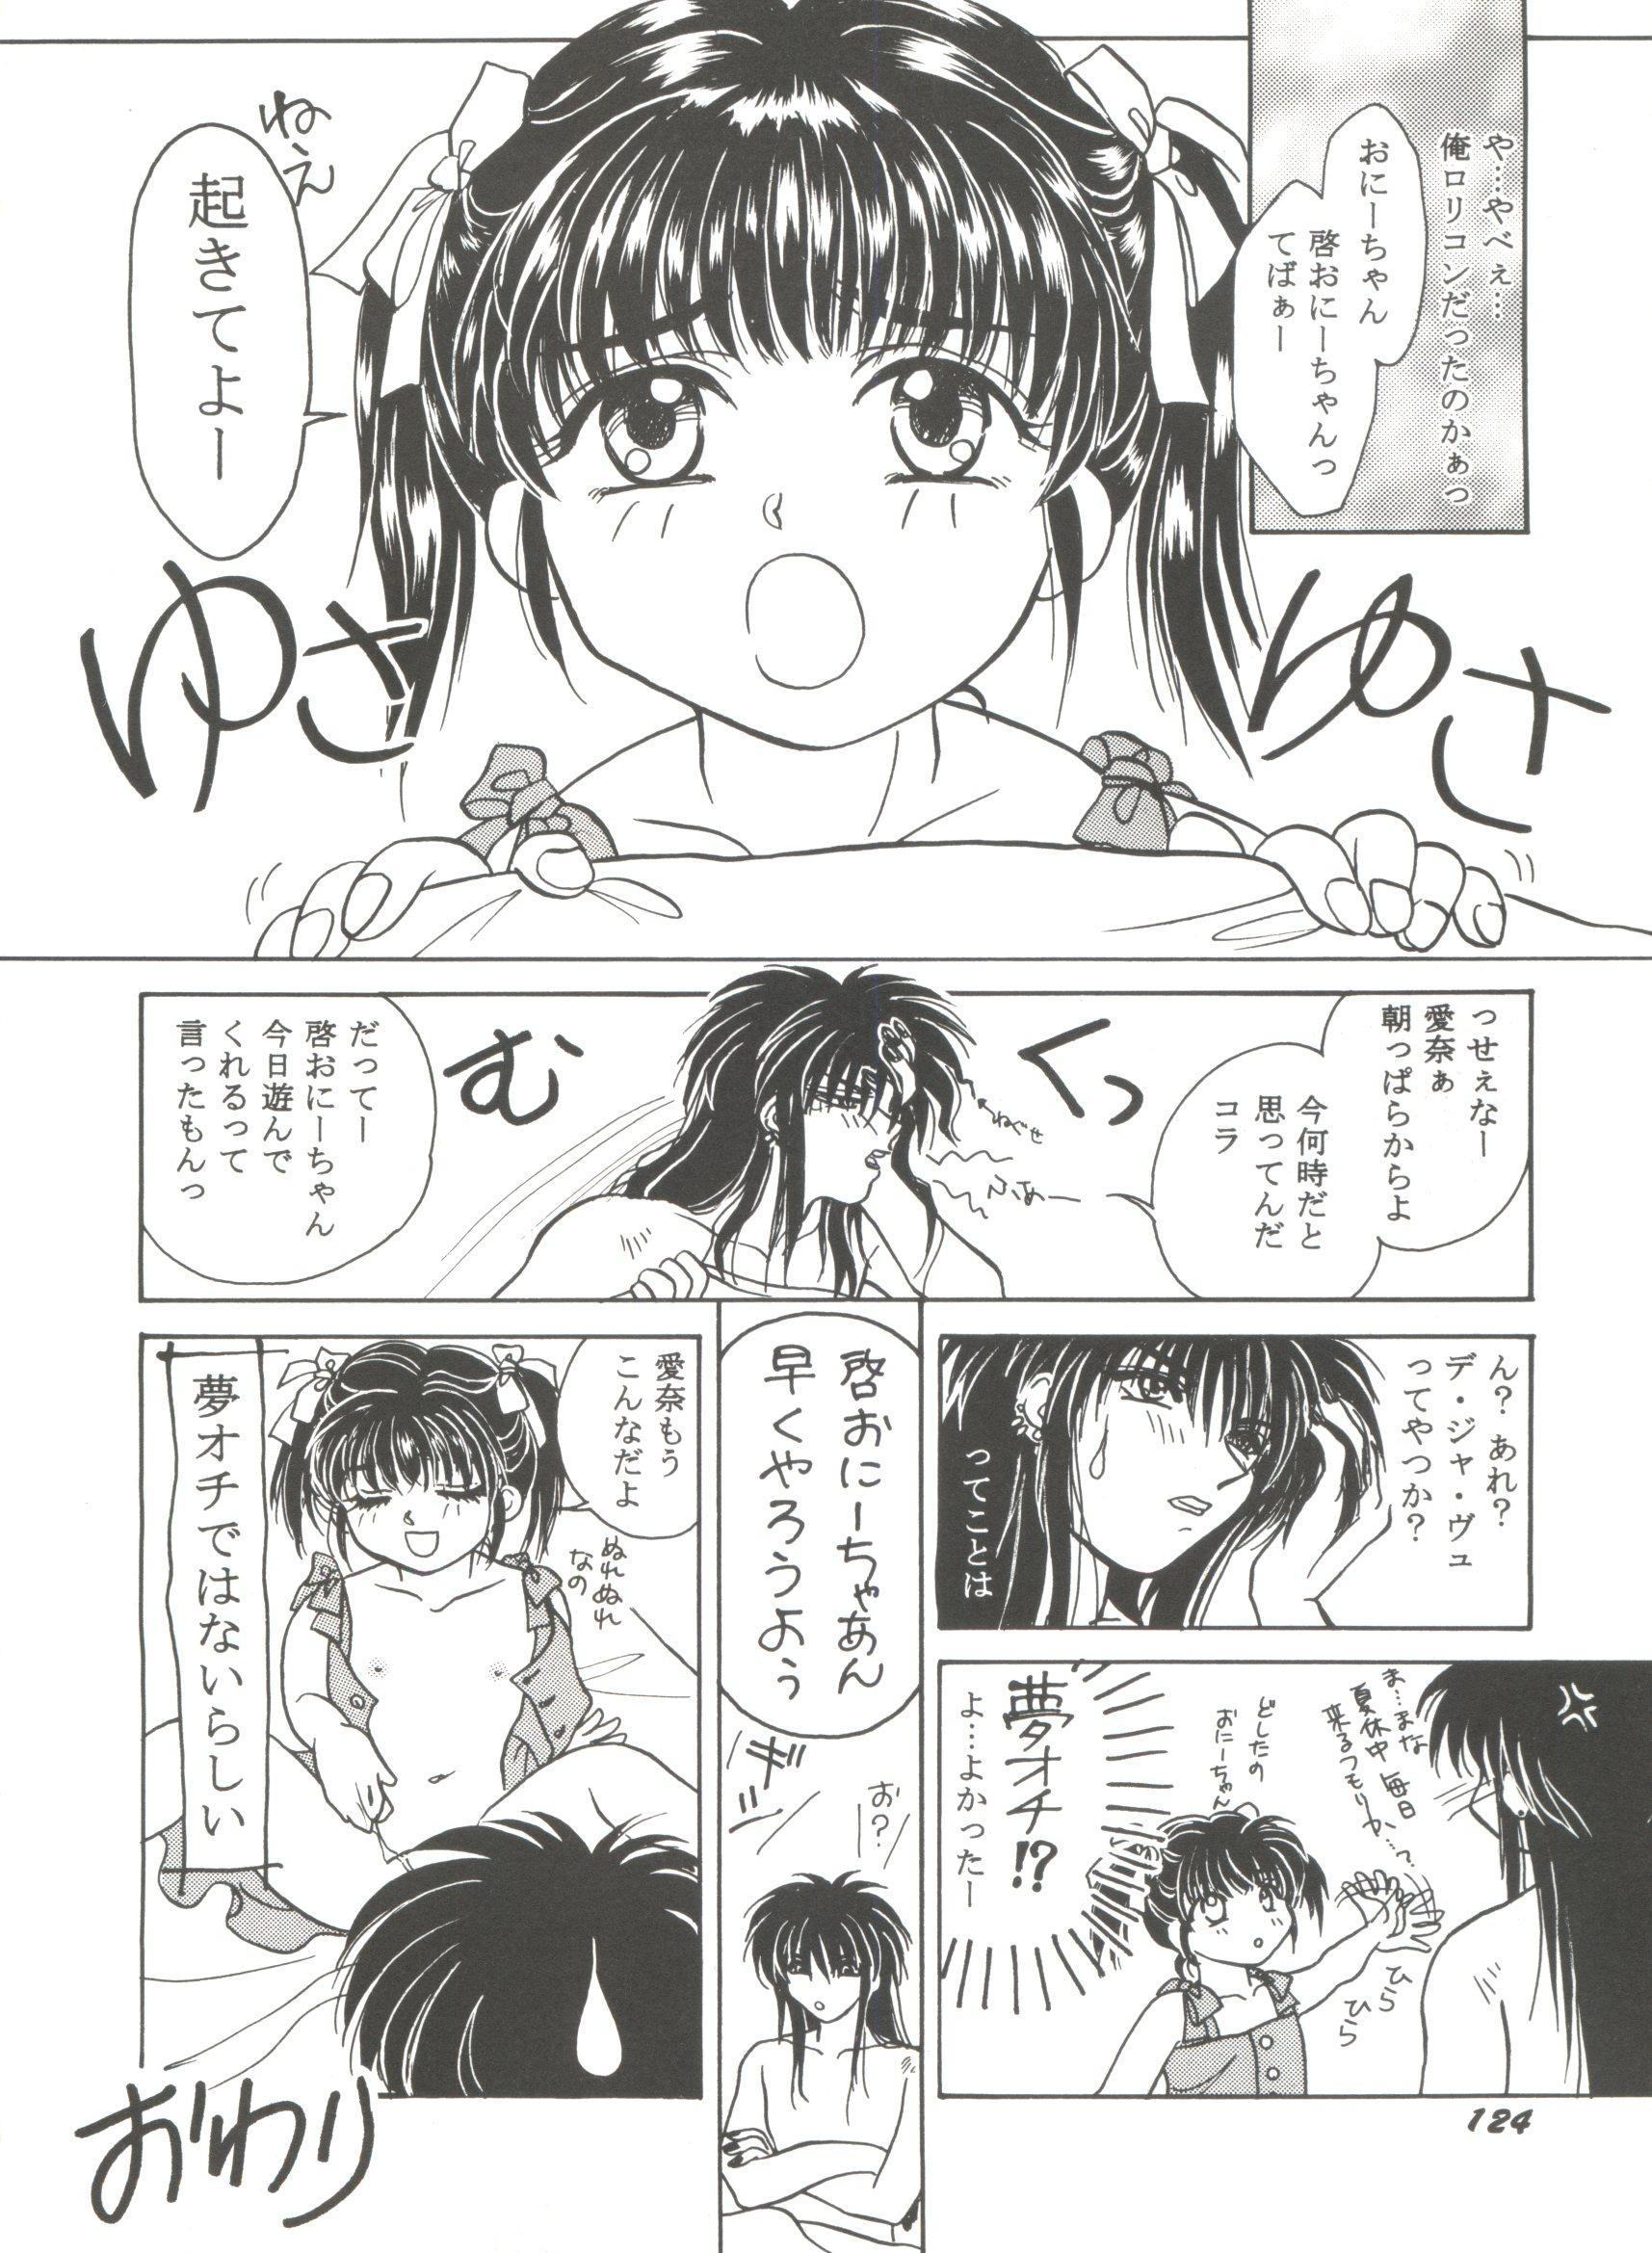 Bishoujo Doujinshi Anthology Cute 4 125